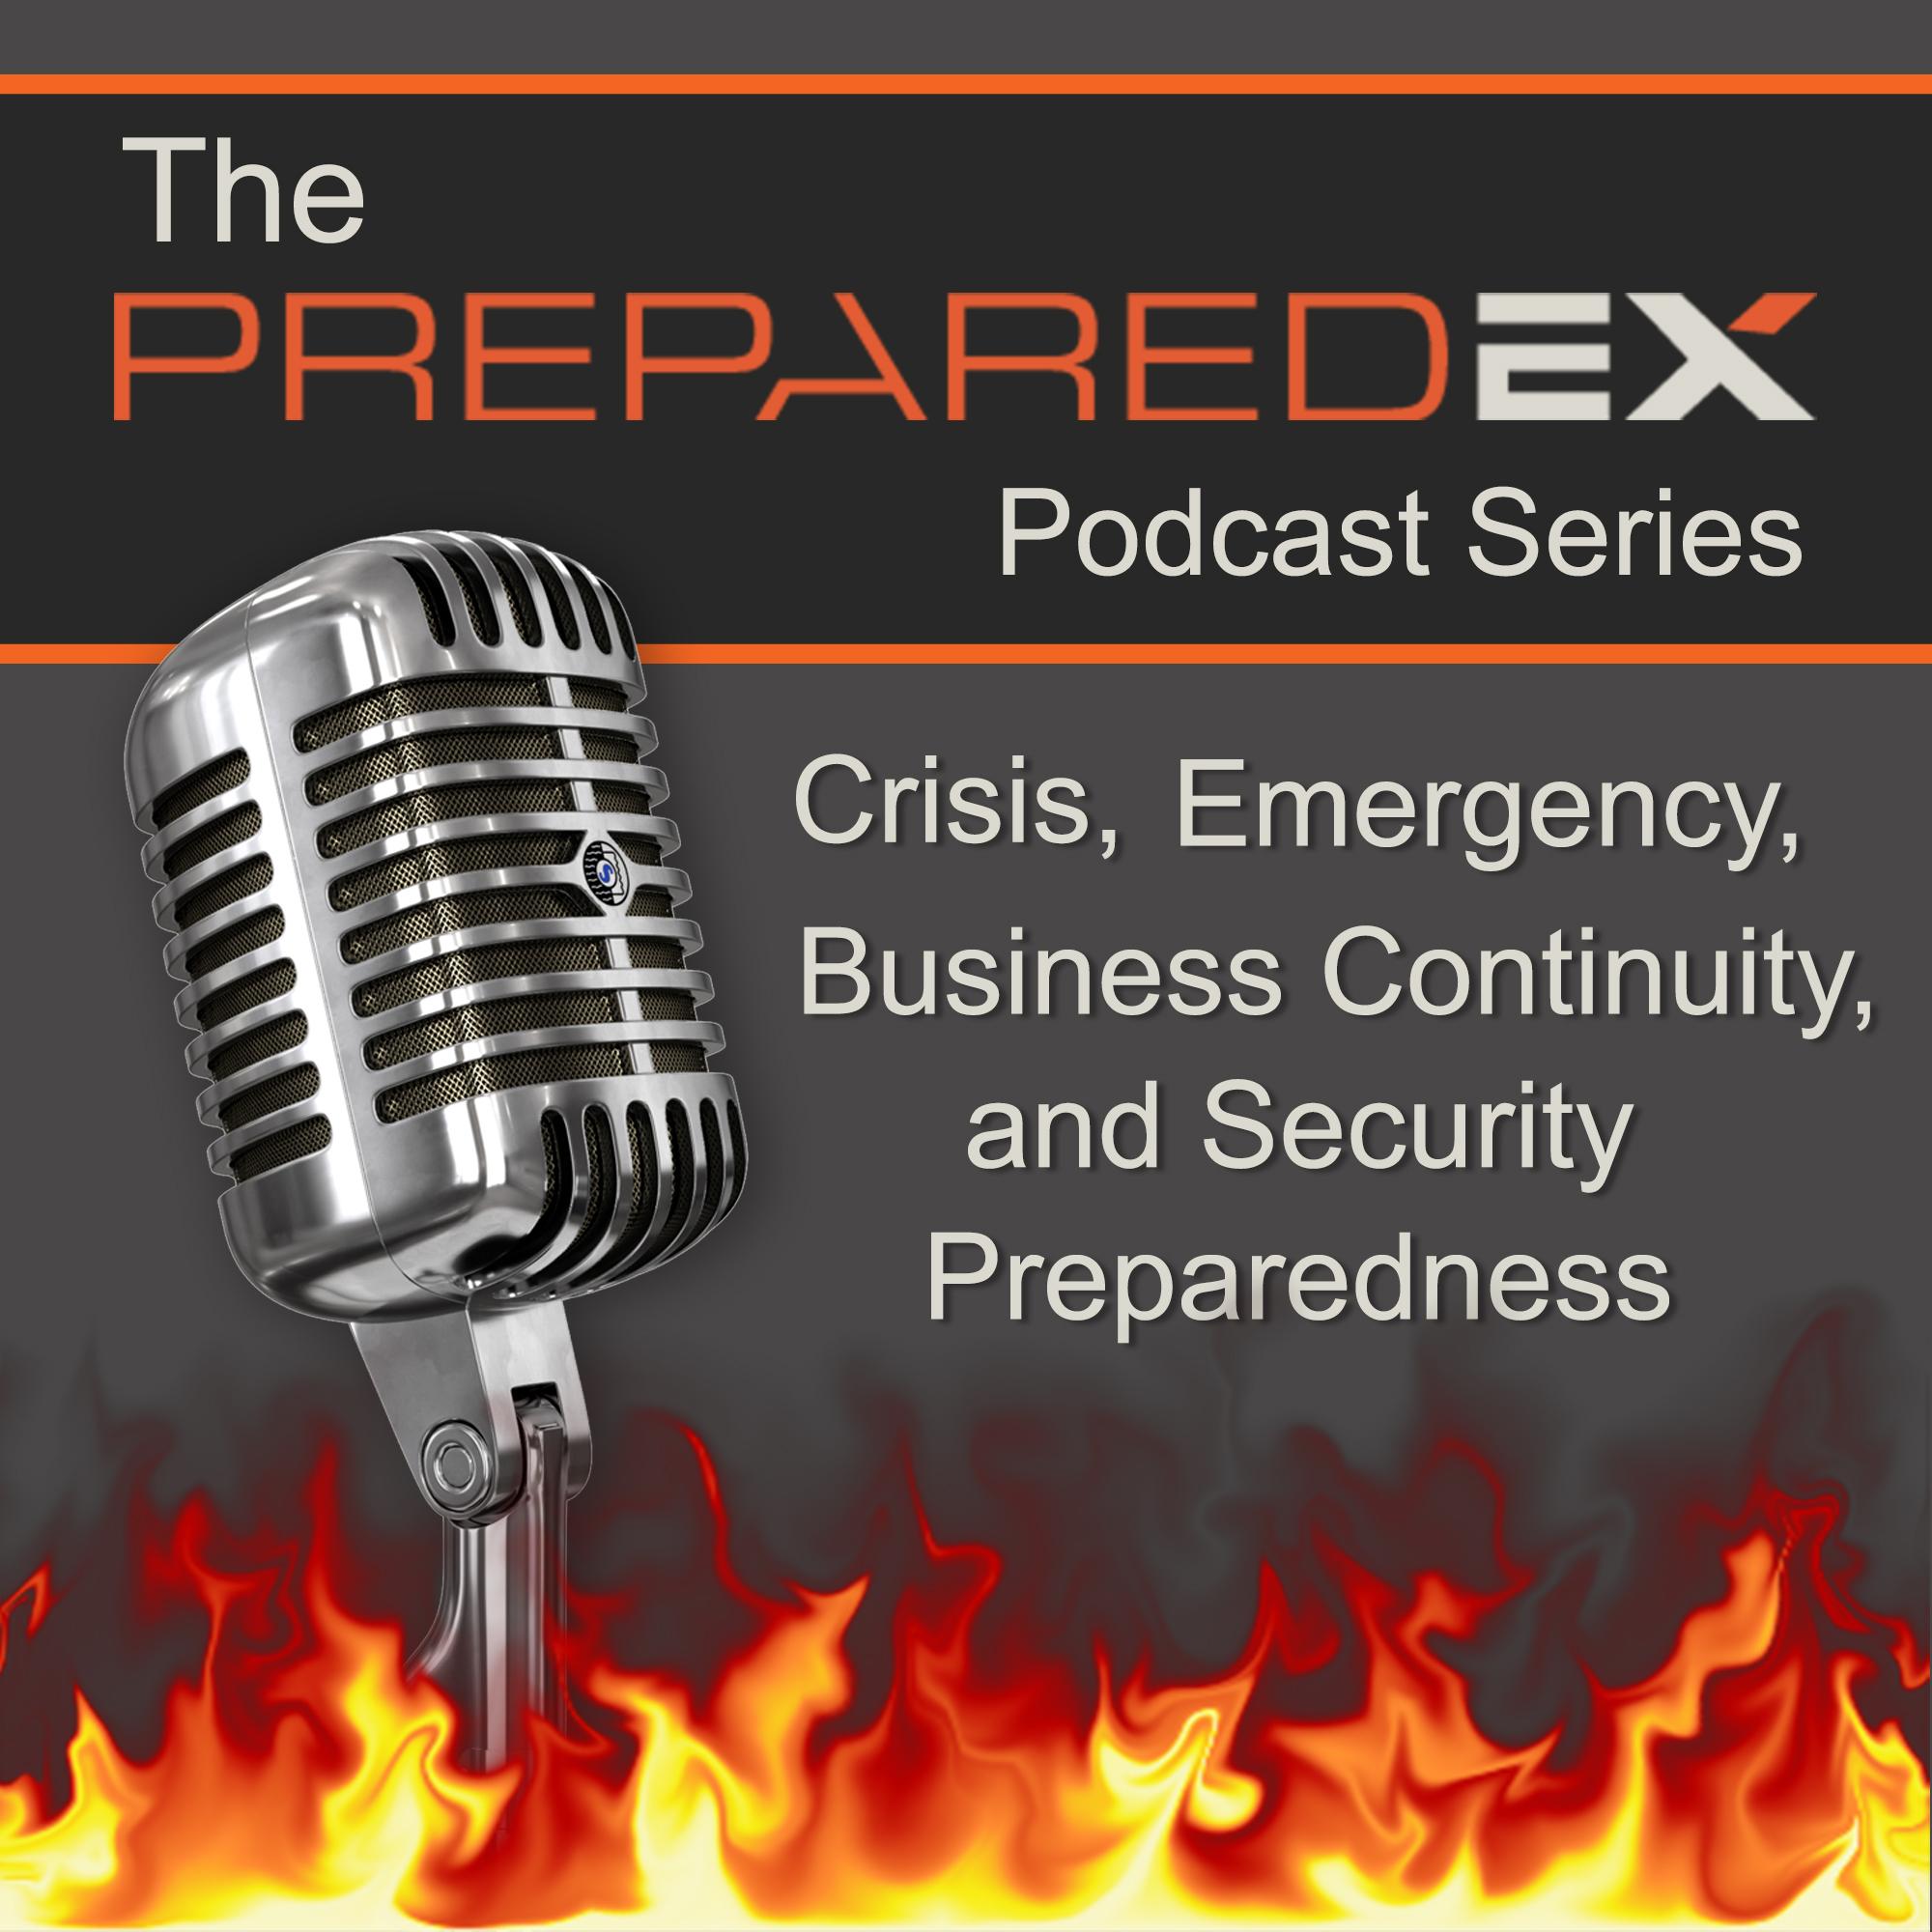 PreparedEx Crisis Management Podcast